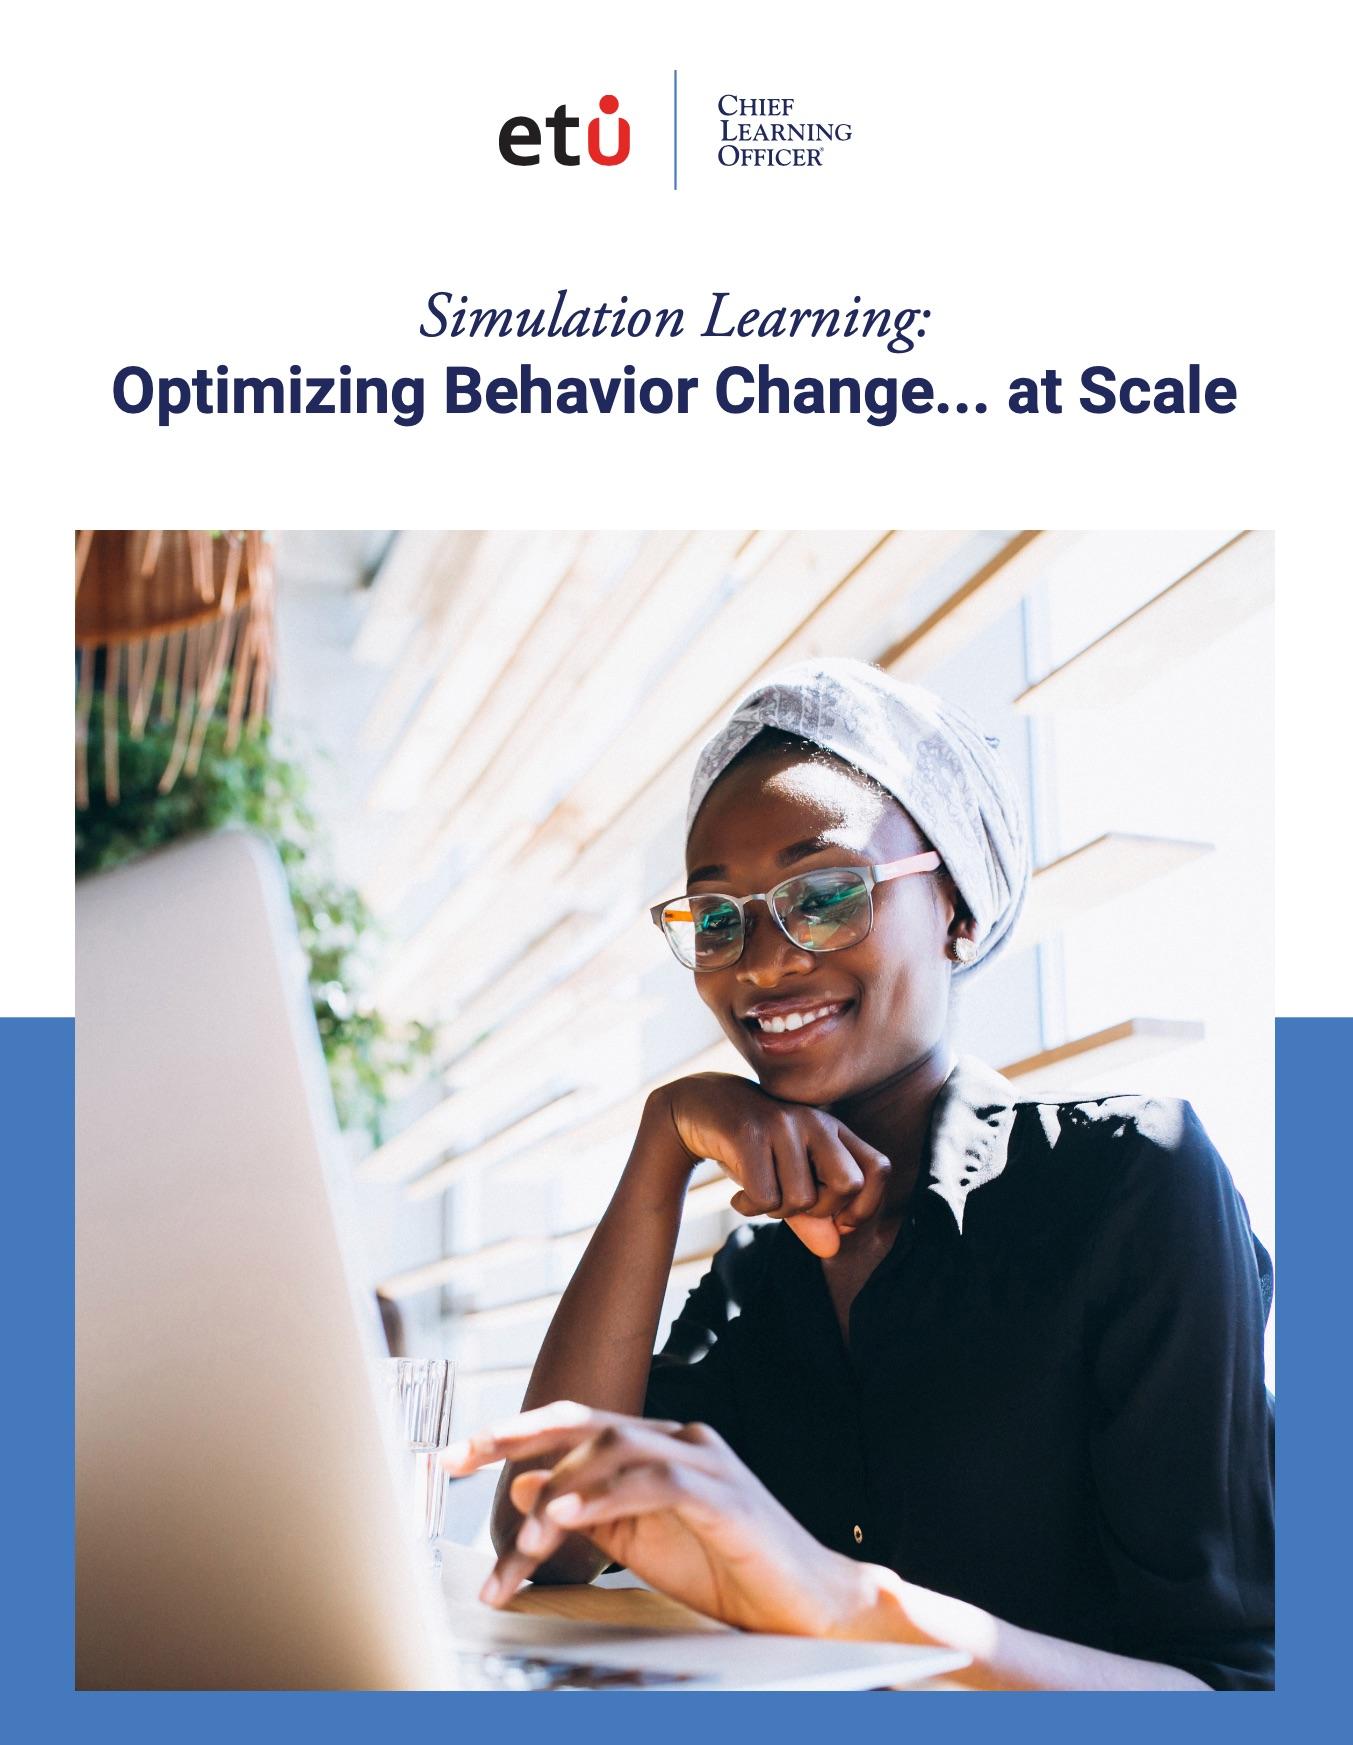 Simulation Learning: Optimizing Behavior Change... at Scale